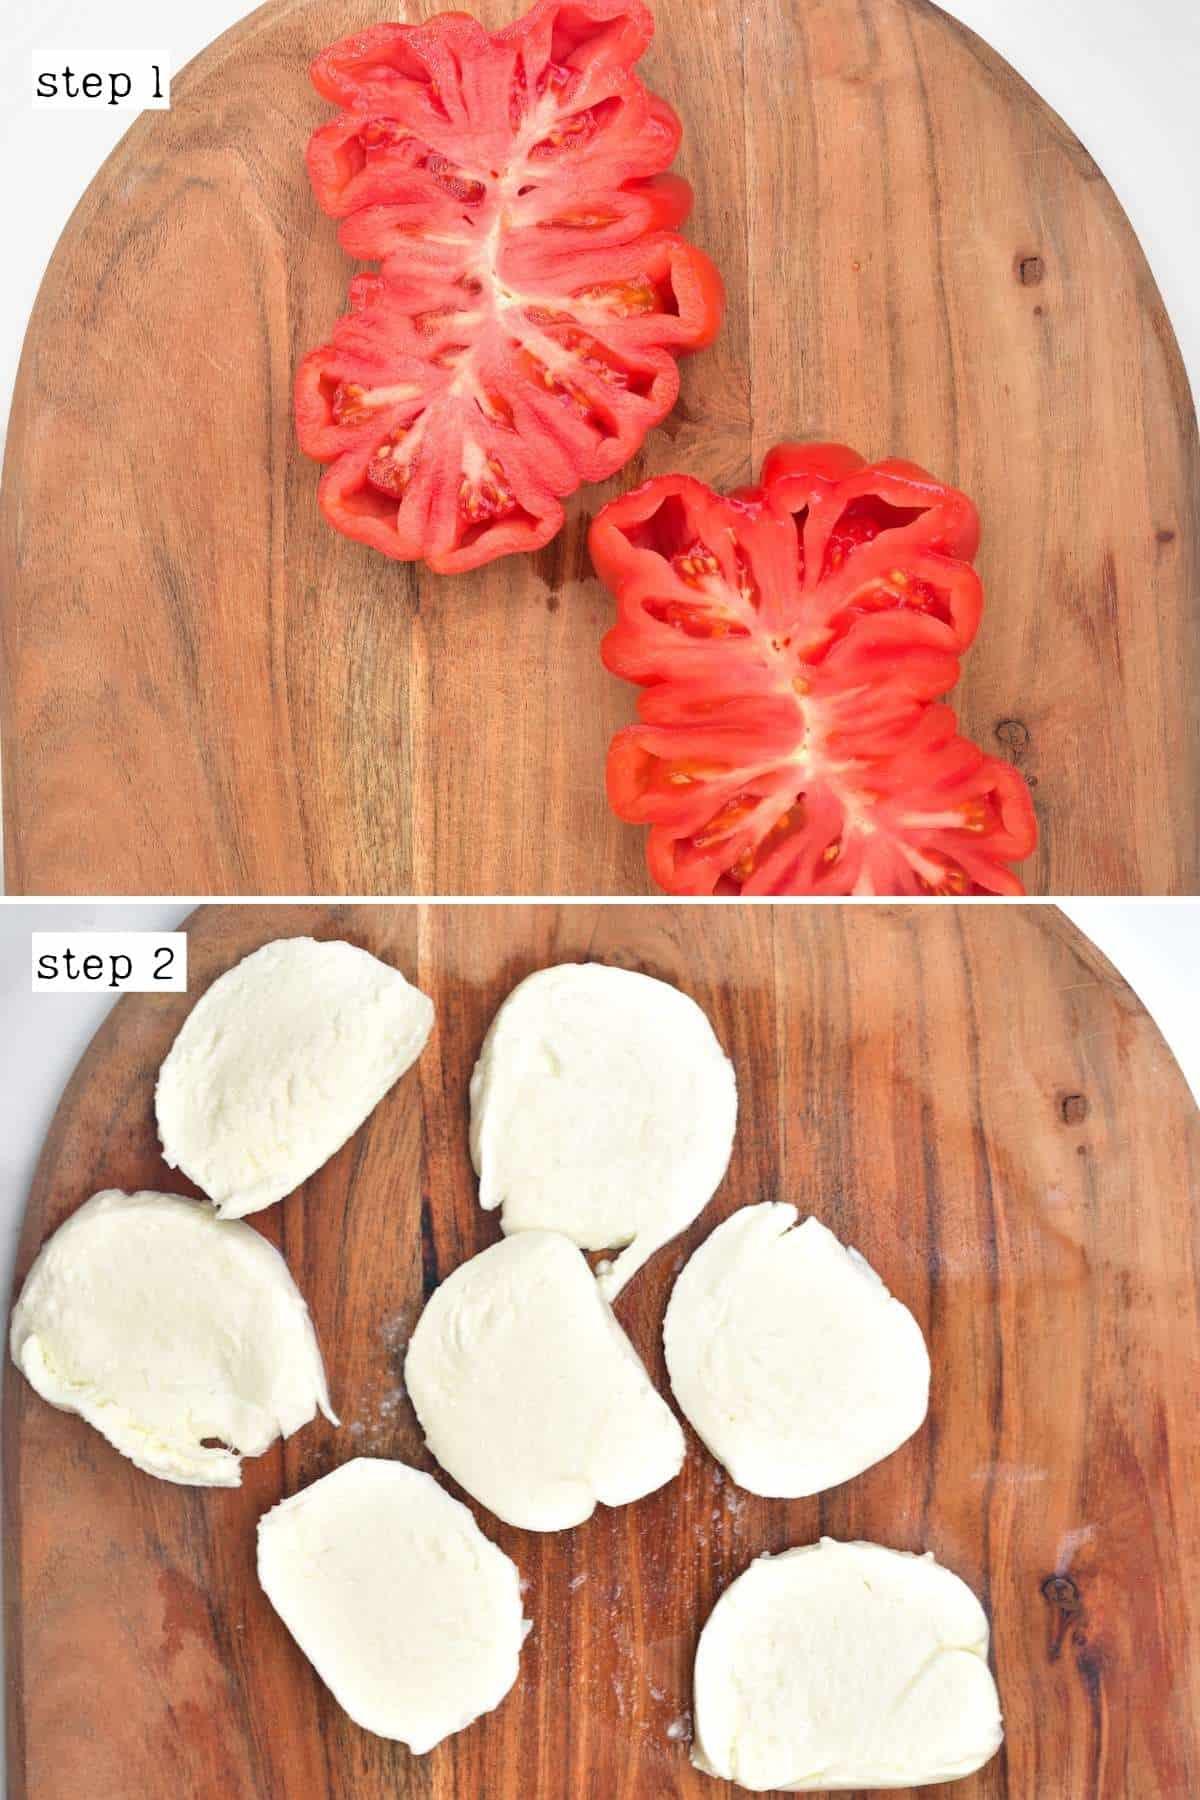 Sliced tomato and mozzarella